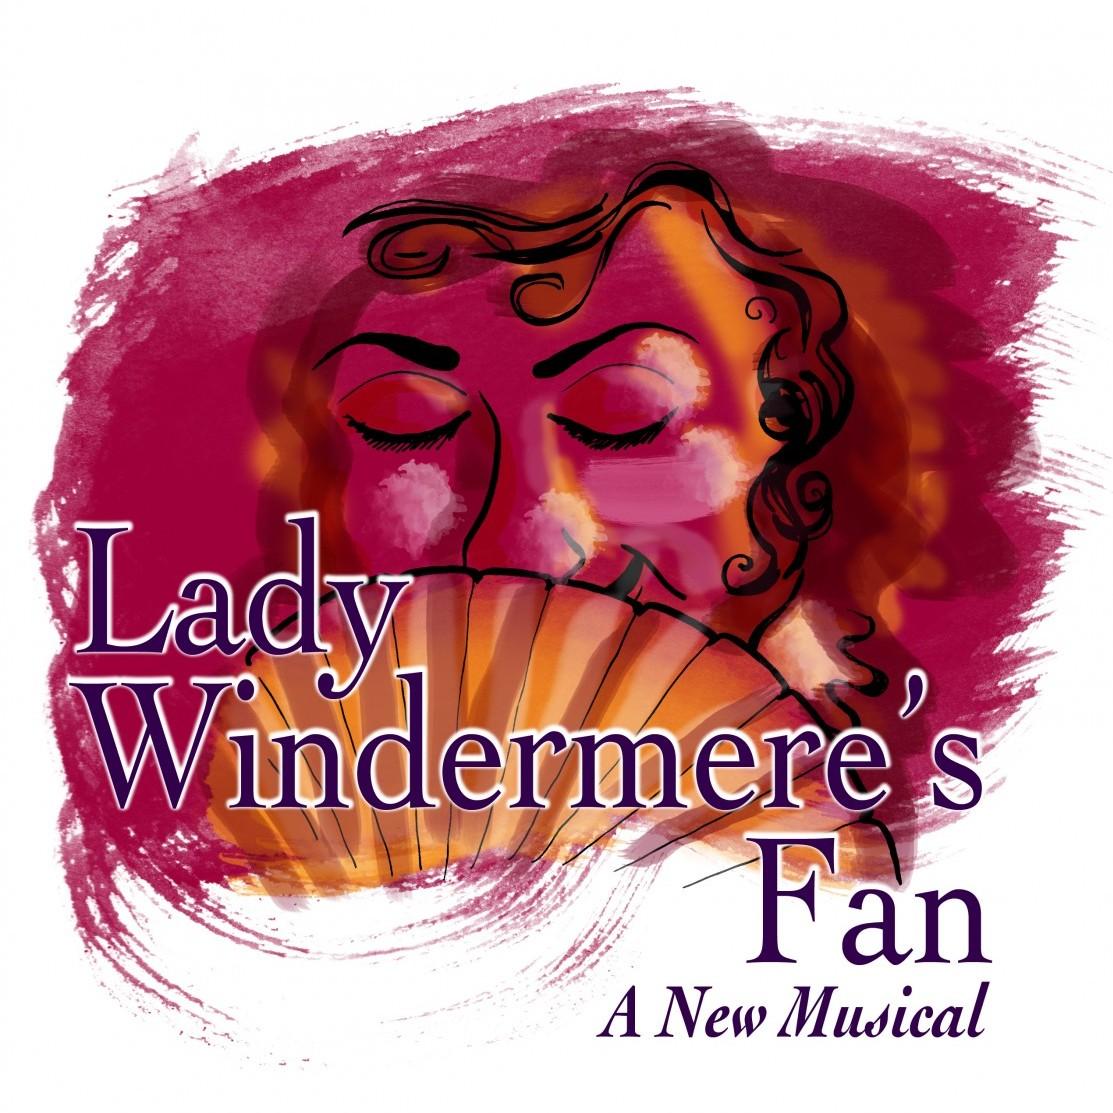 Lady-Windermeres-Fan (8-24 update)